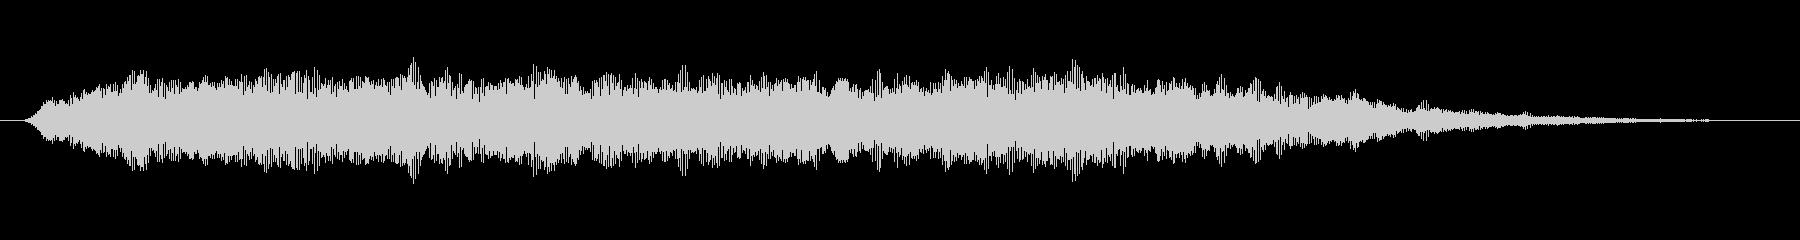 緊張 鬼合唱団ワン・ノート・ロー02の未再生の波形